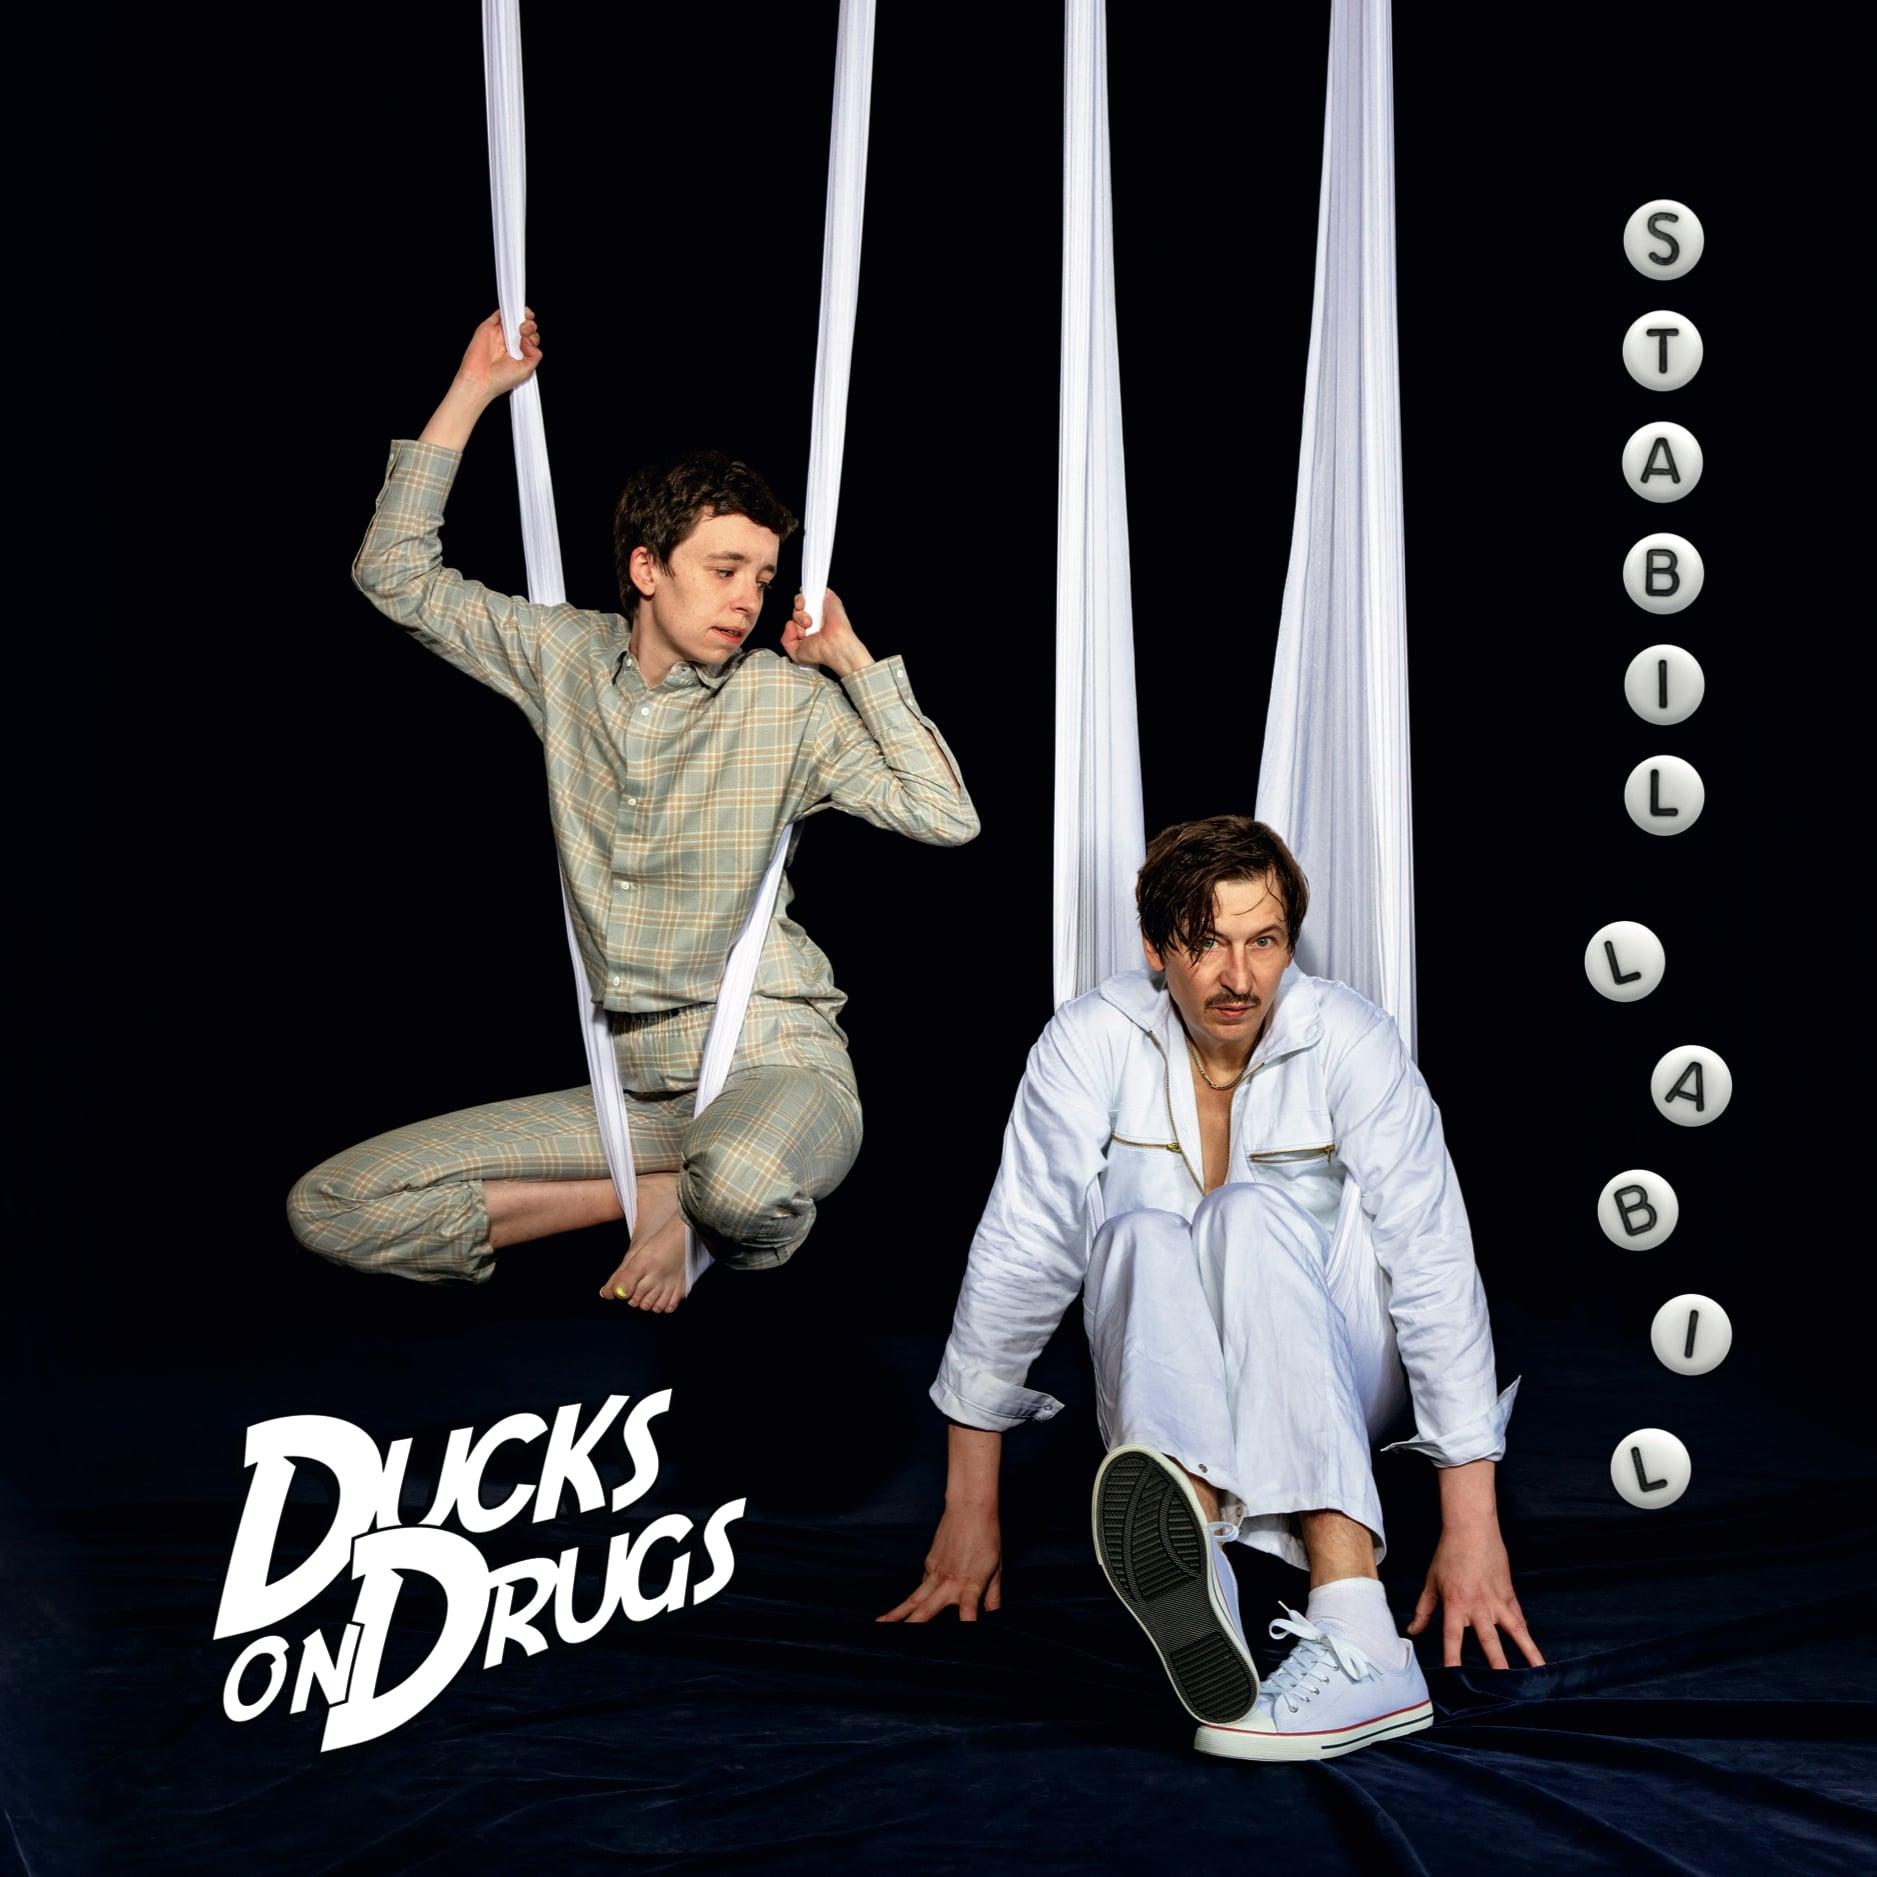 Ducks On Drugs